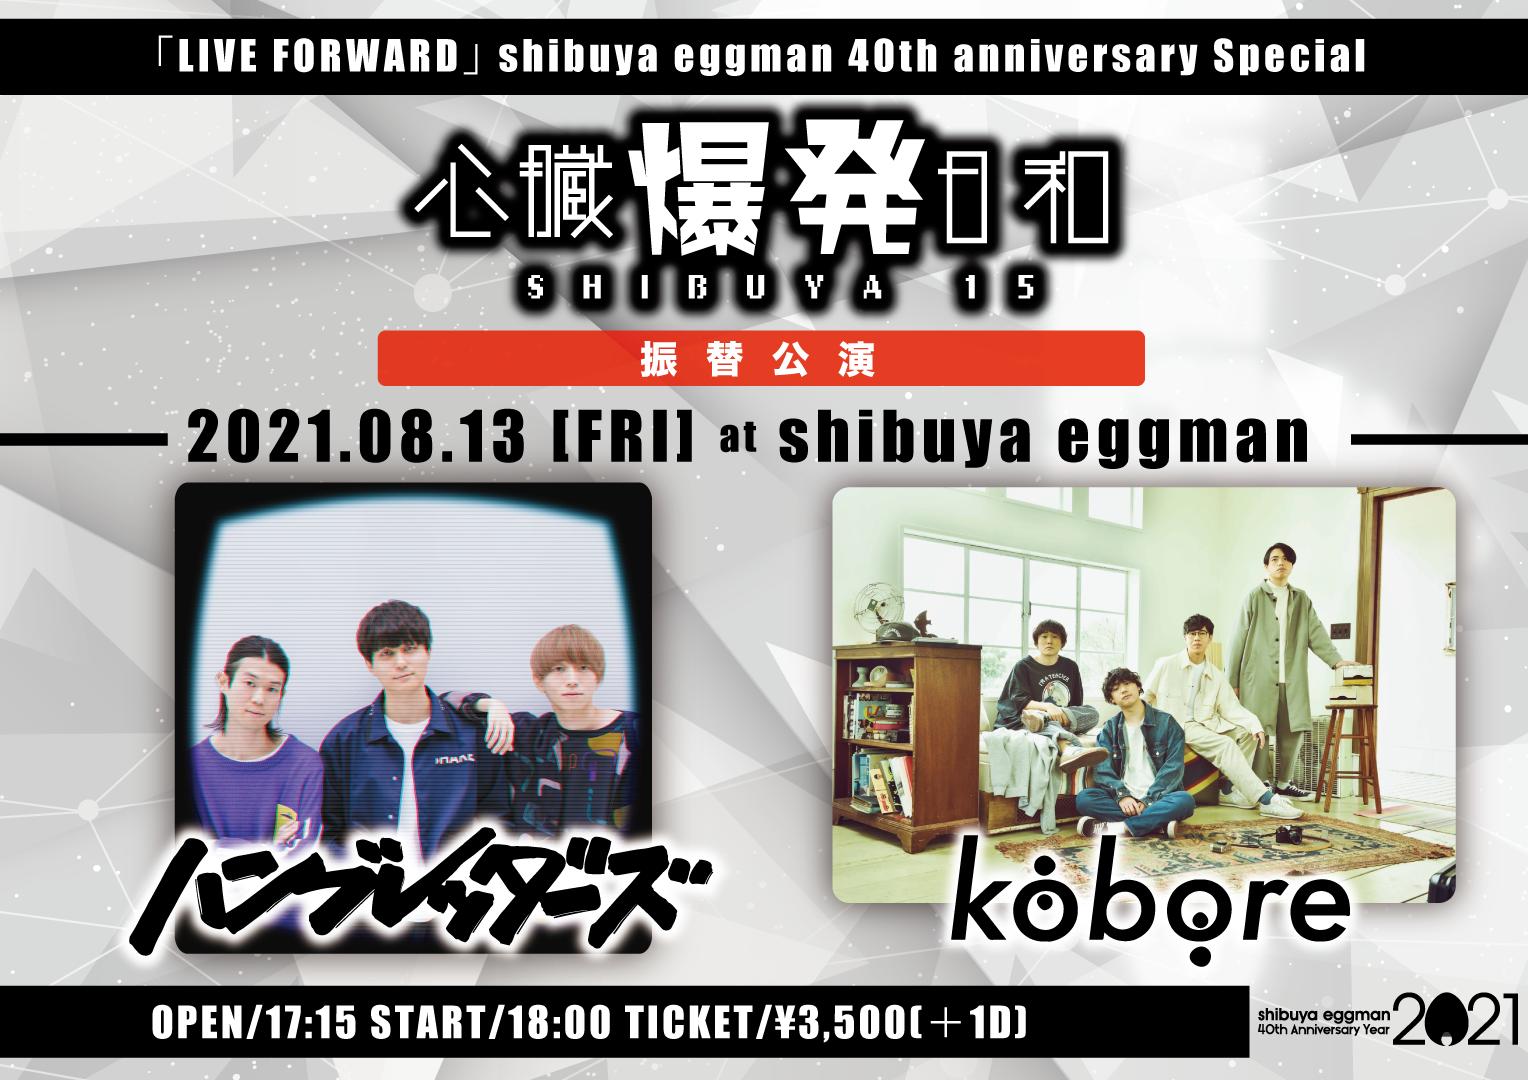 【振替公演】心臓爆発日和 -SHIBUYA15-  〜「LIVE FORWARD」 shibuya eggman 40th anniversary Special〜